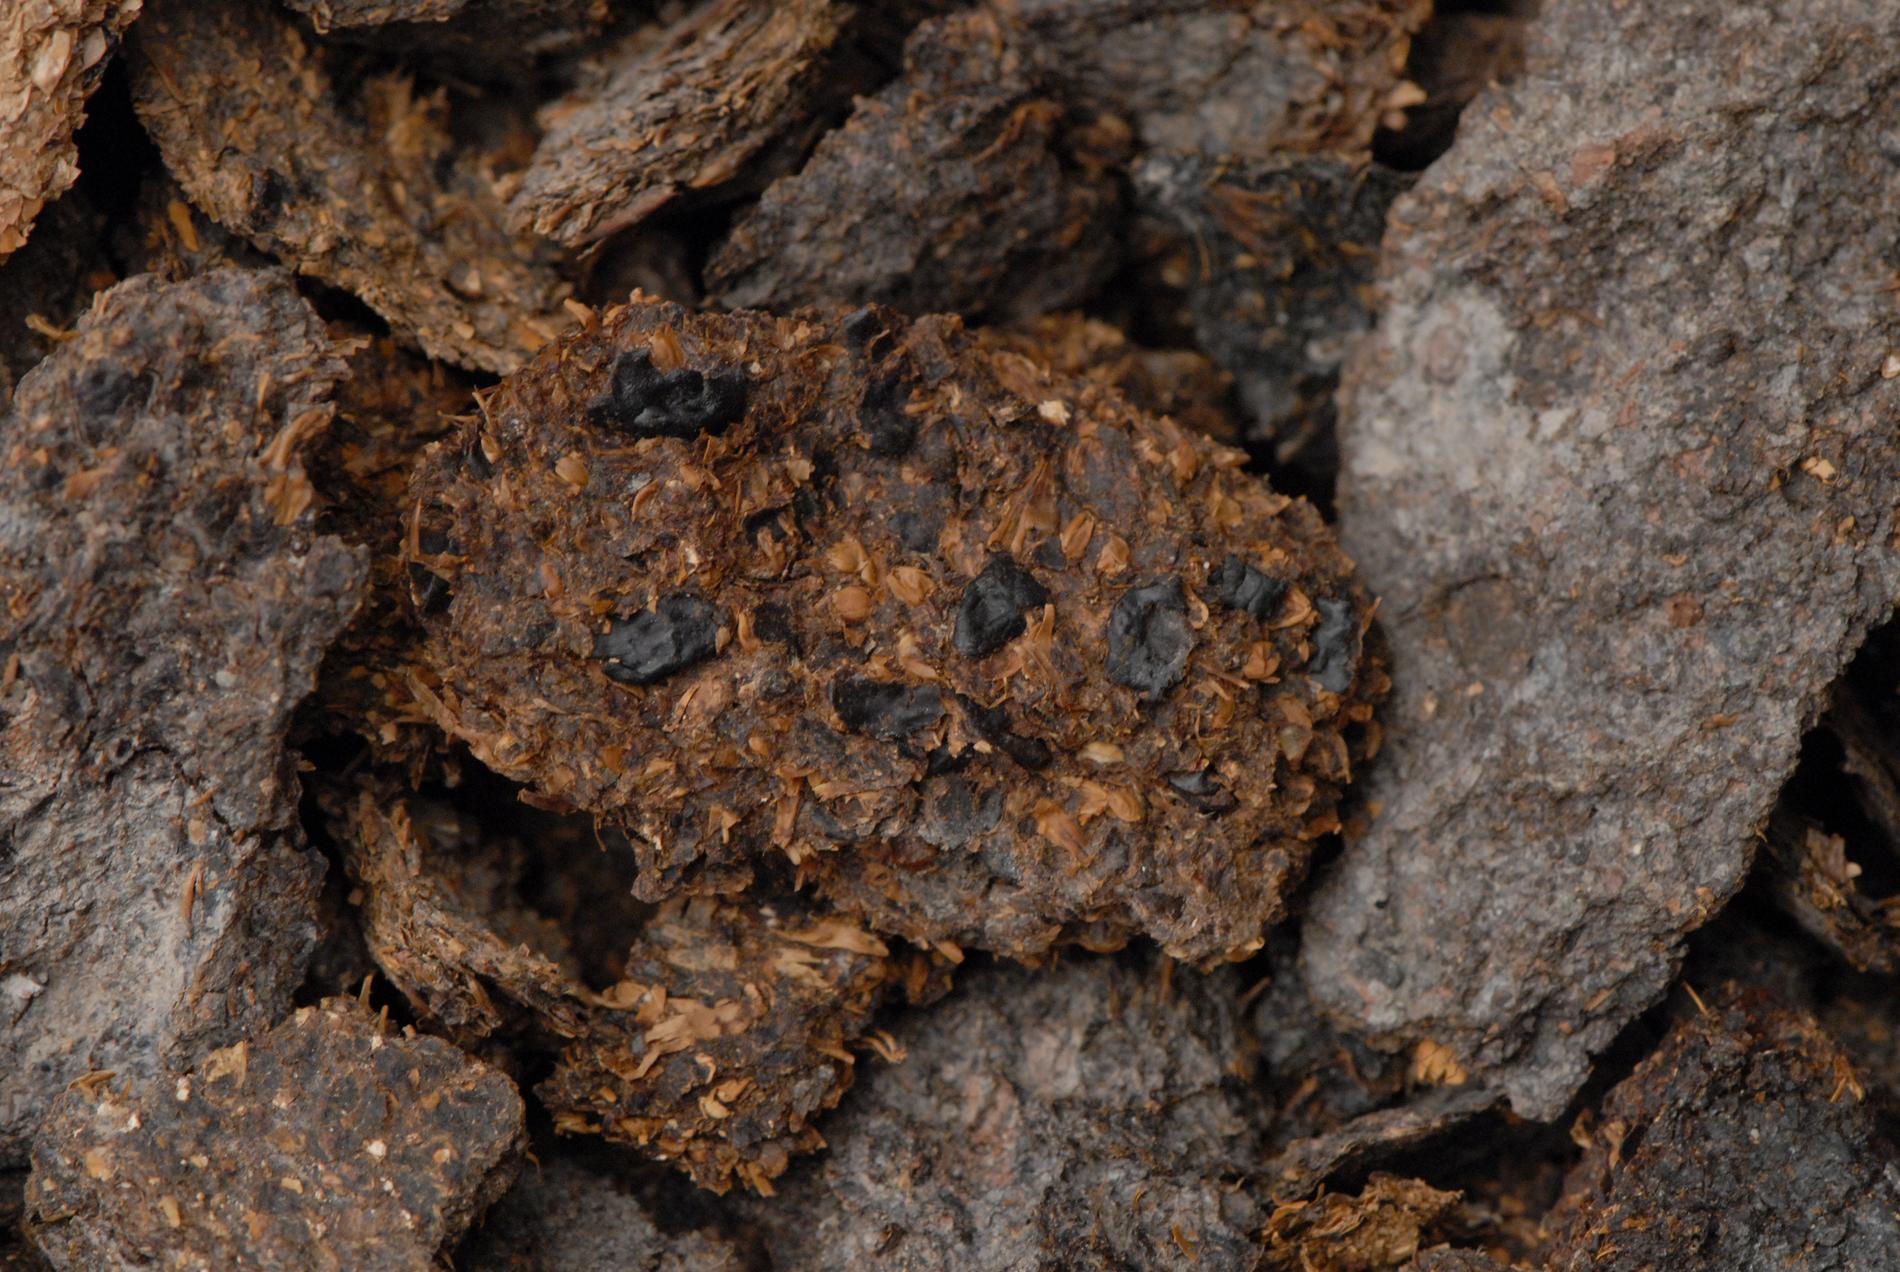 Över 2600 år gammalt bajs som har hittats i saltgruvorna i Hallstatt. Spåren av bönor, hirs och korn syns tydligt.